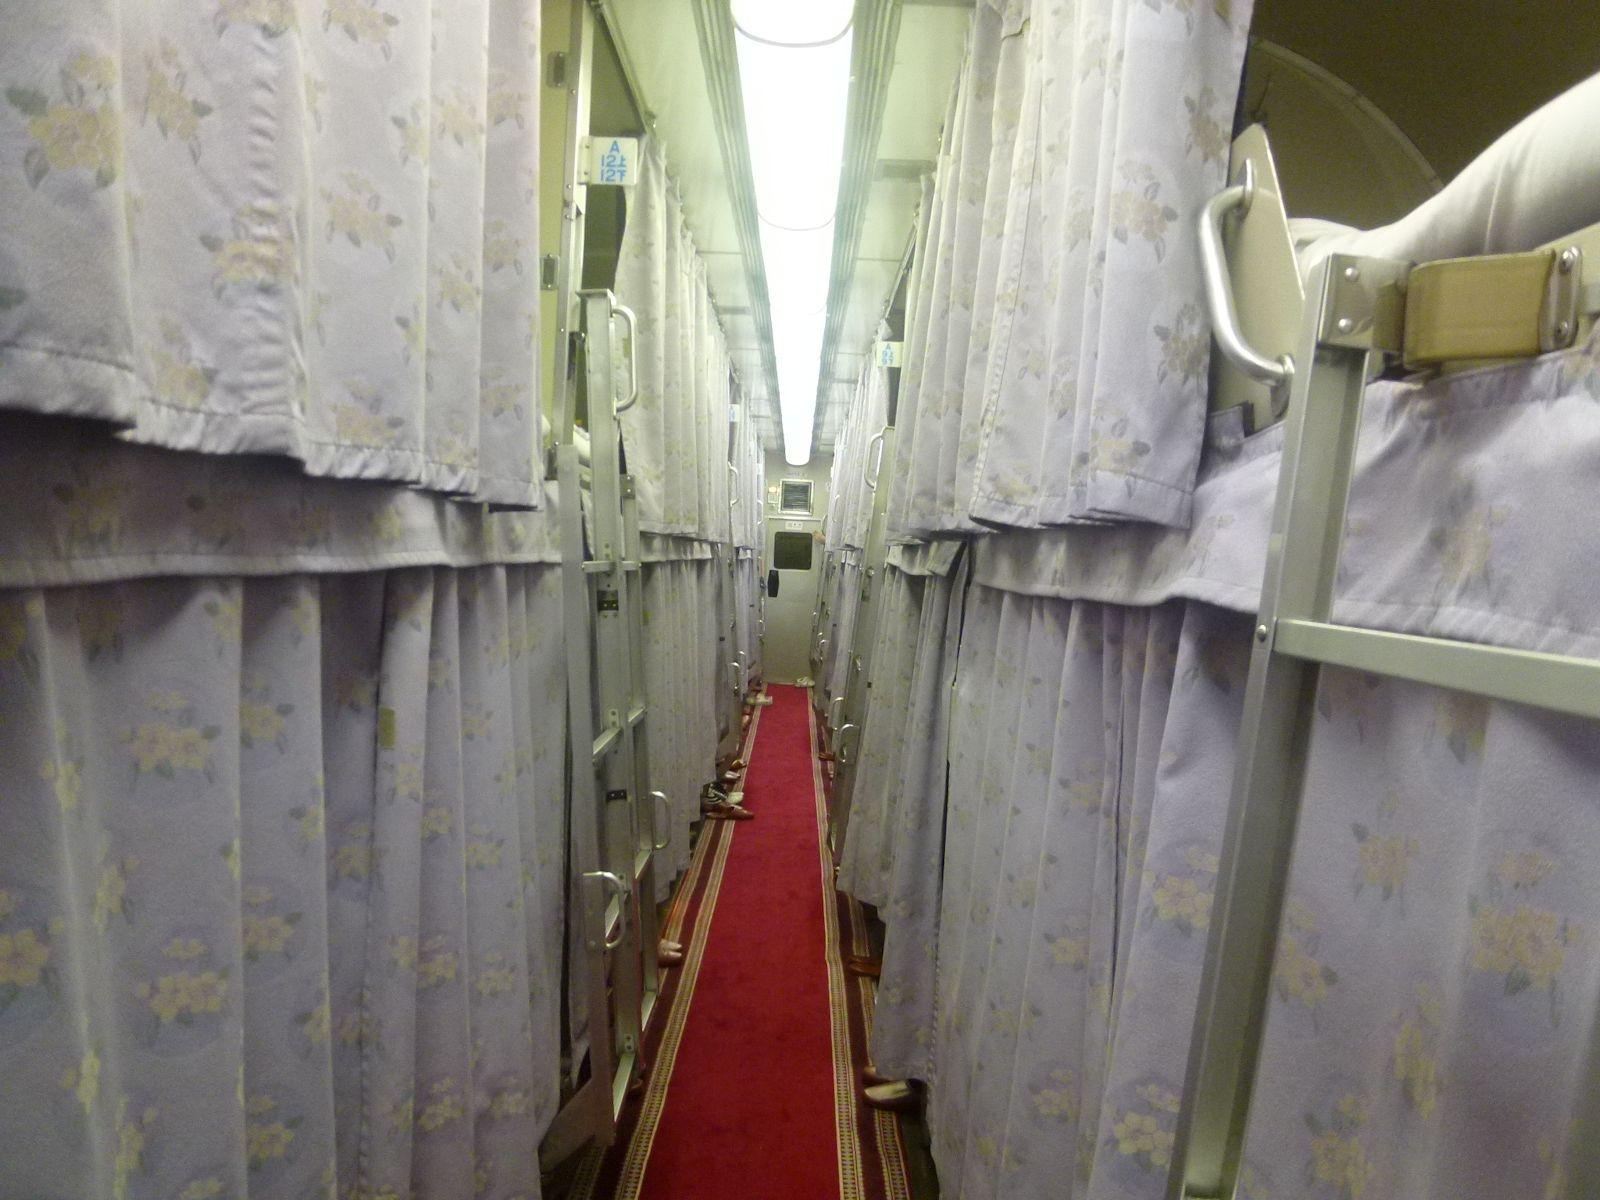 寝台特急日本海号のA寝台の車内(JPG-227k)